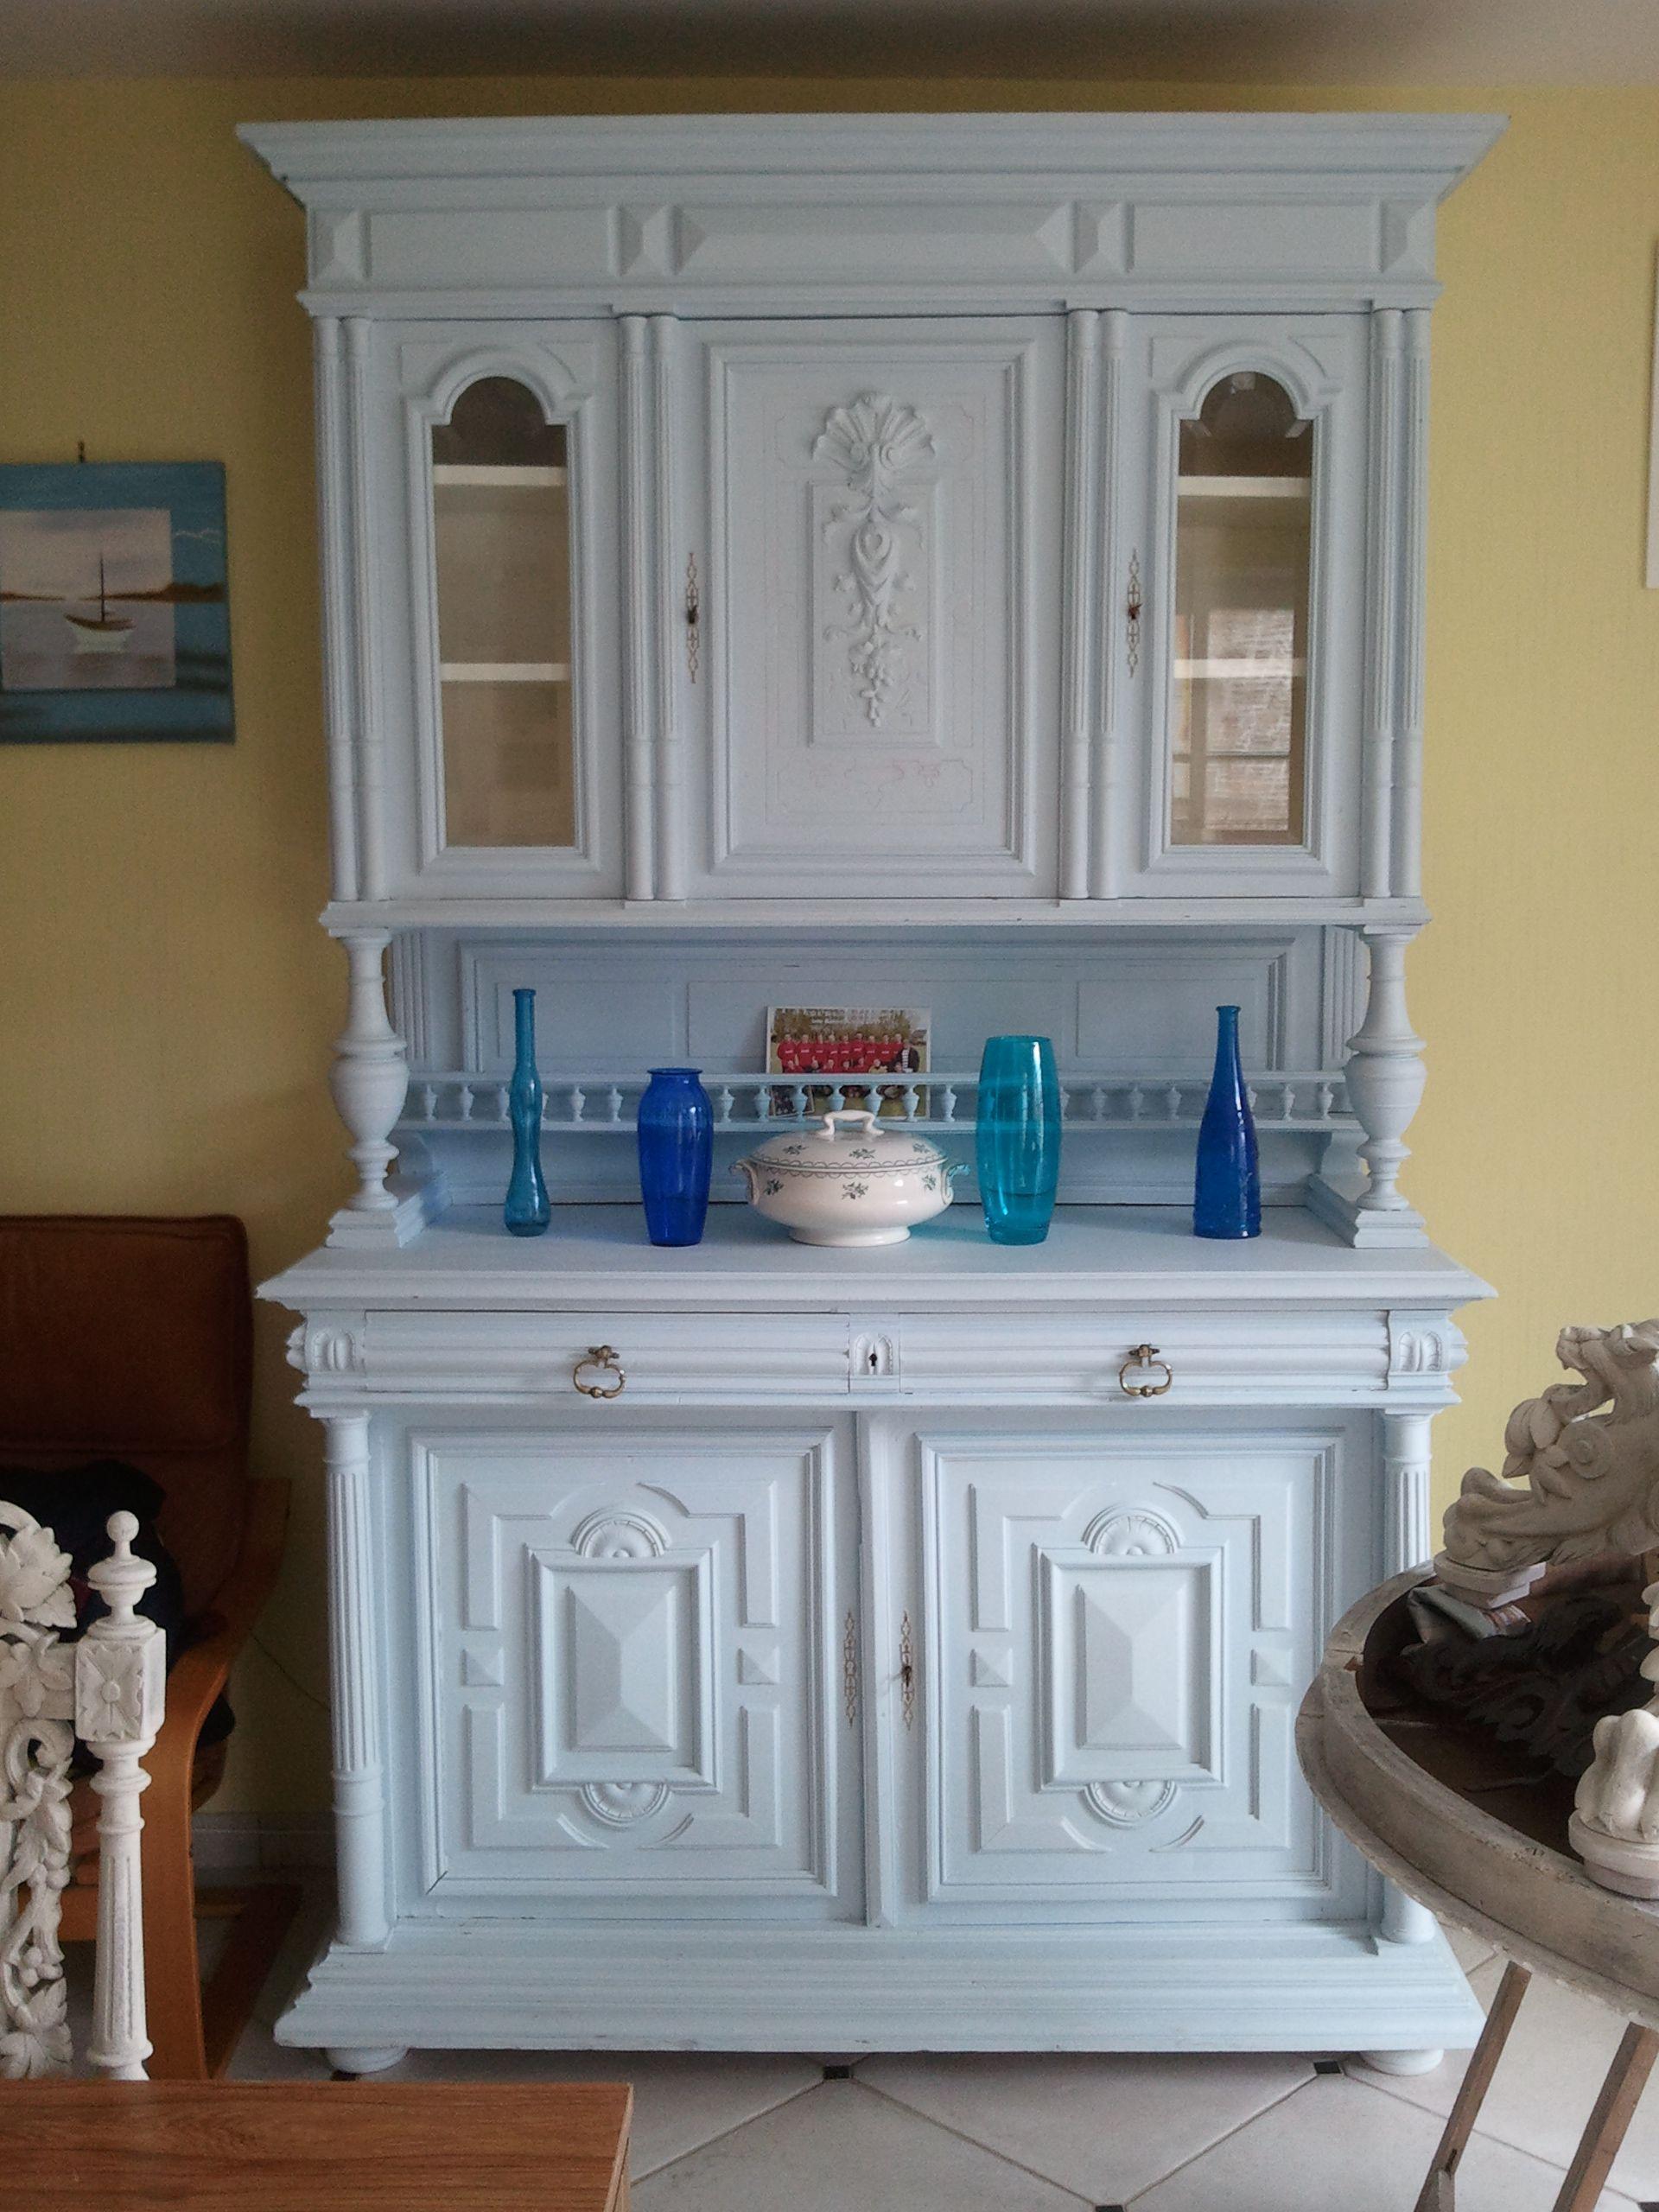 buffet henri 2 patin bleu meubles relook s pinterest buffet armoires and dresser. Black Bedroom Furniture Sets. Home Design Ideas